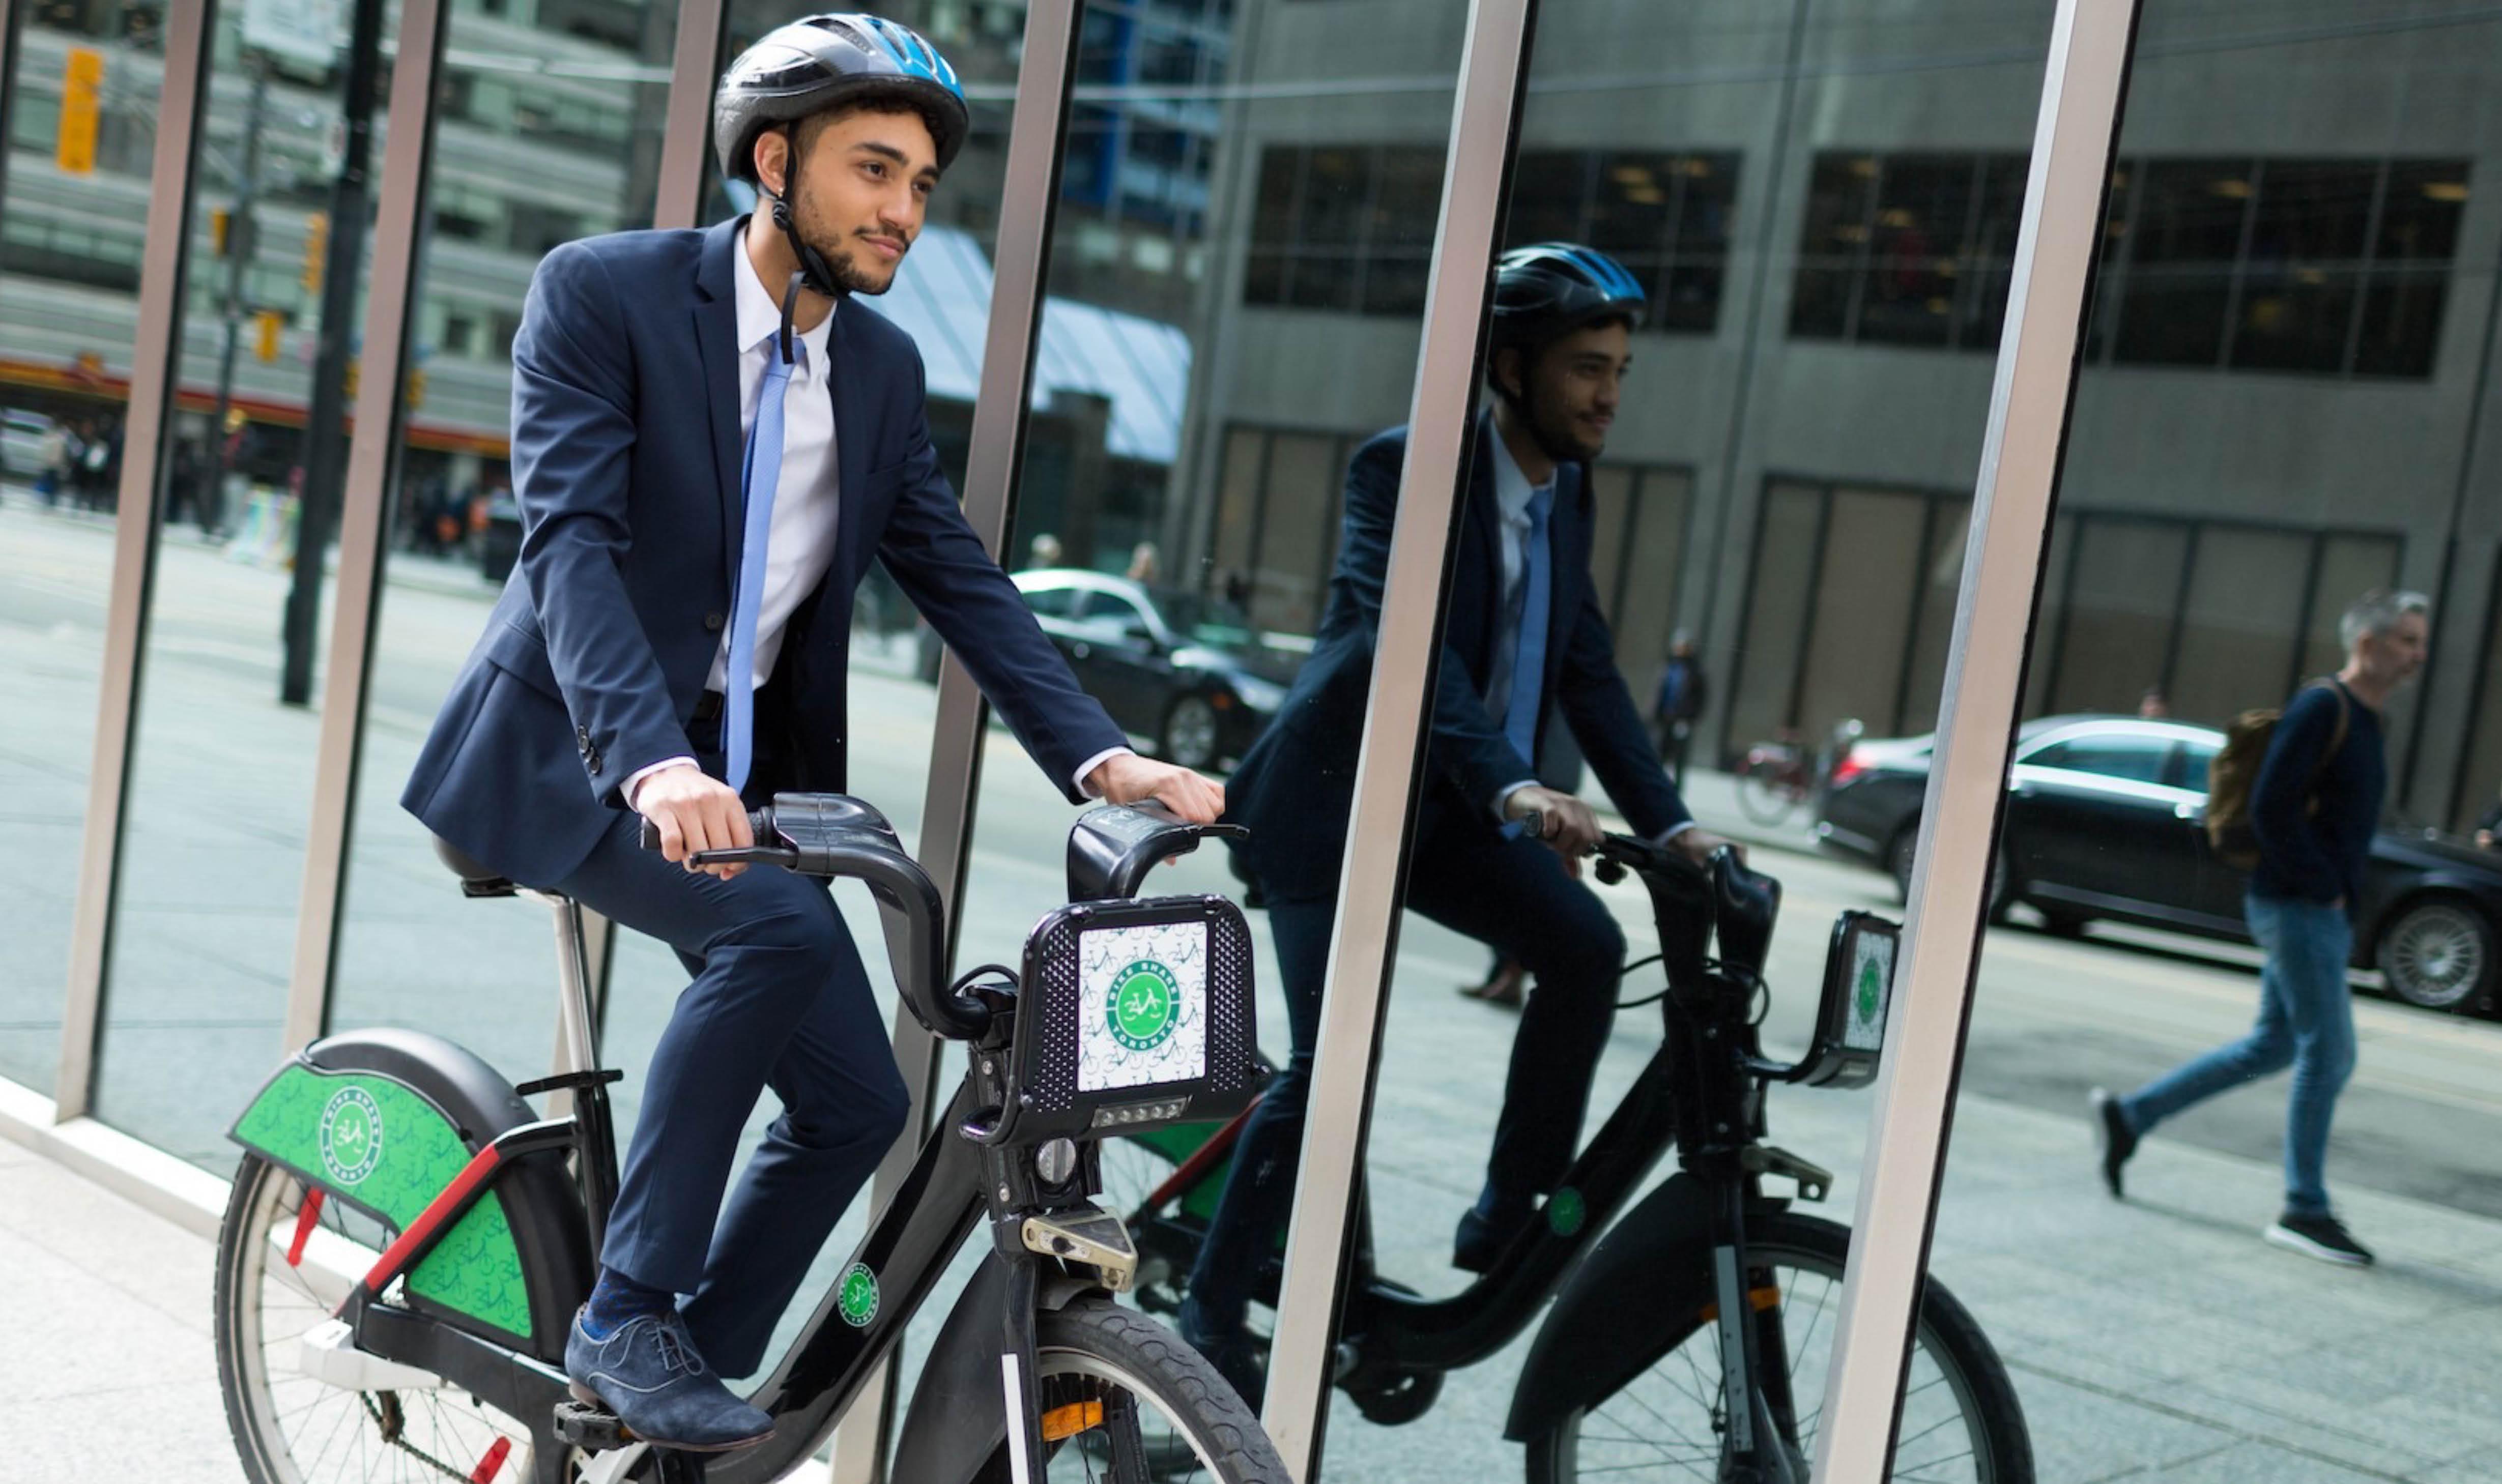 bikesharetoronto 1